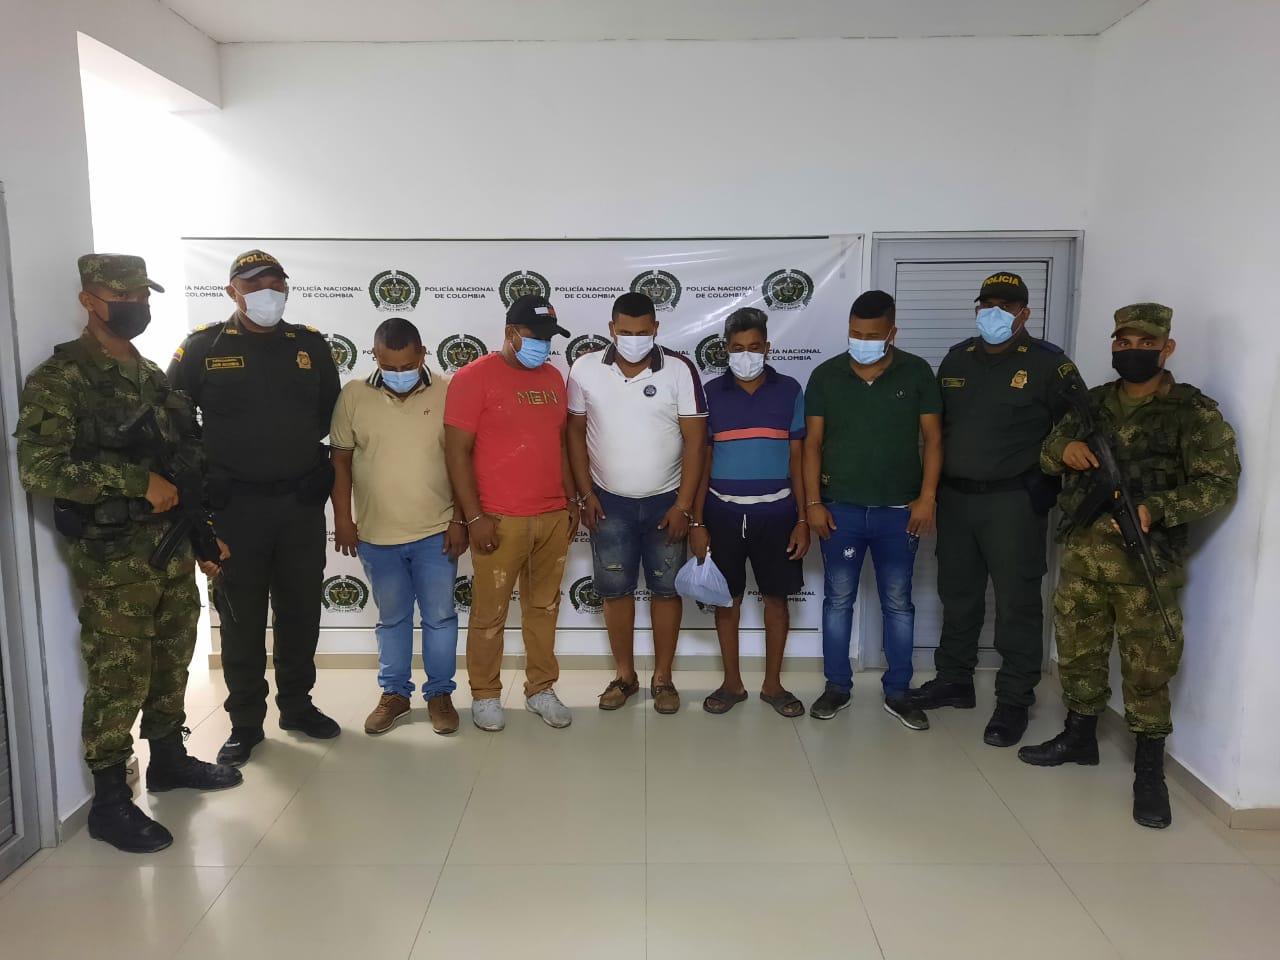 hoyennoticia.com, En tiroteo la Policía decomisa dos granadas y captura cinco sujetos del Clan del Golfo